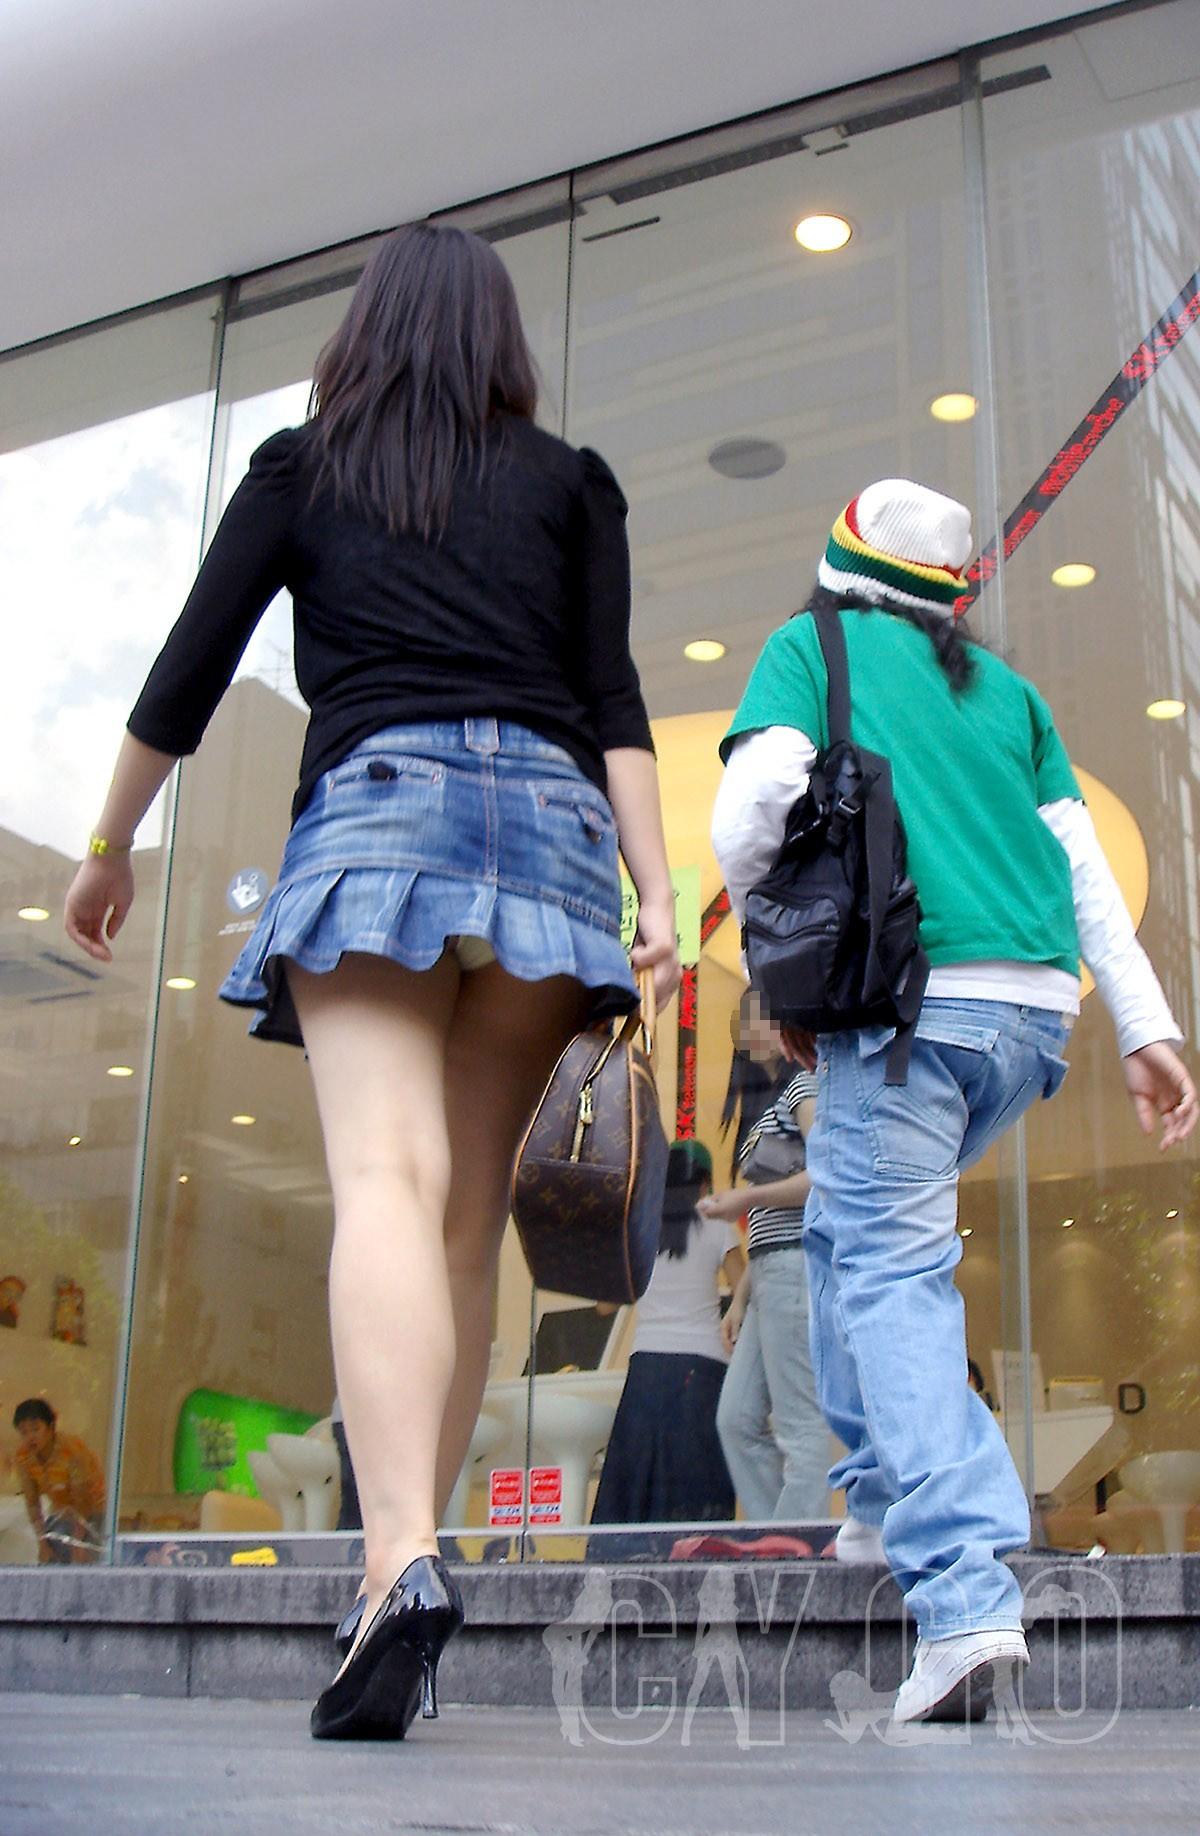 際どいファッションで街中を歩く半露出狂の韓国女性たち(画像25枚)・21枚目